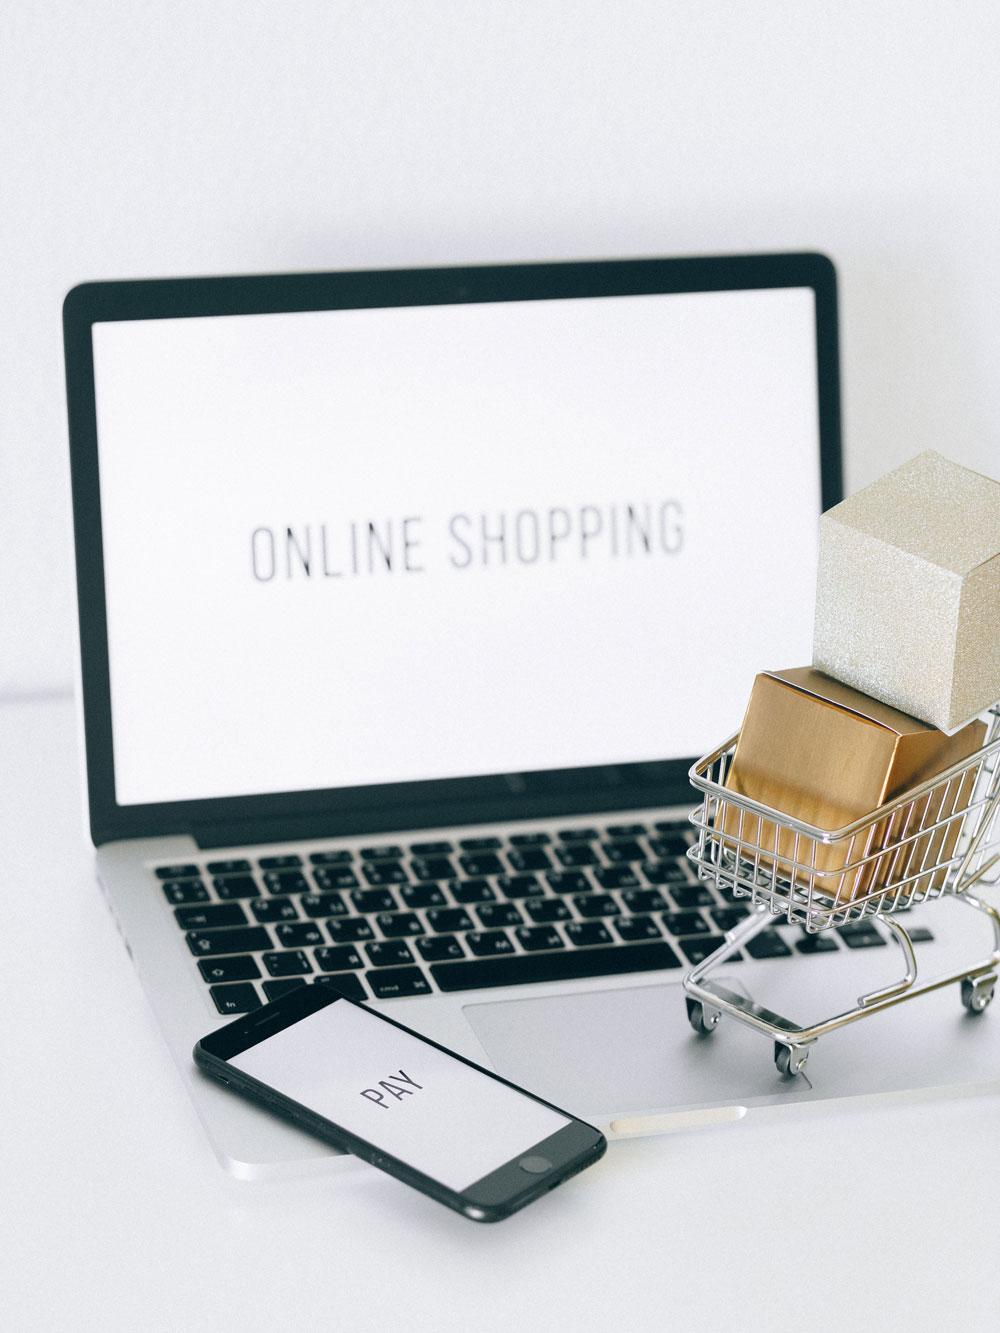 Onlineshopping_auf Laptop_und_Handy